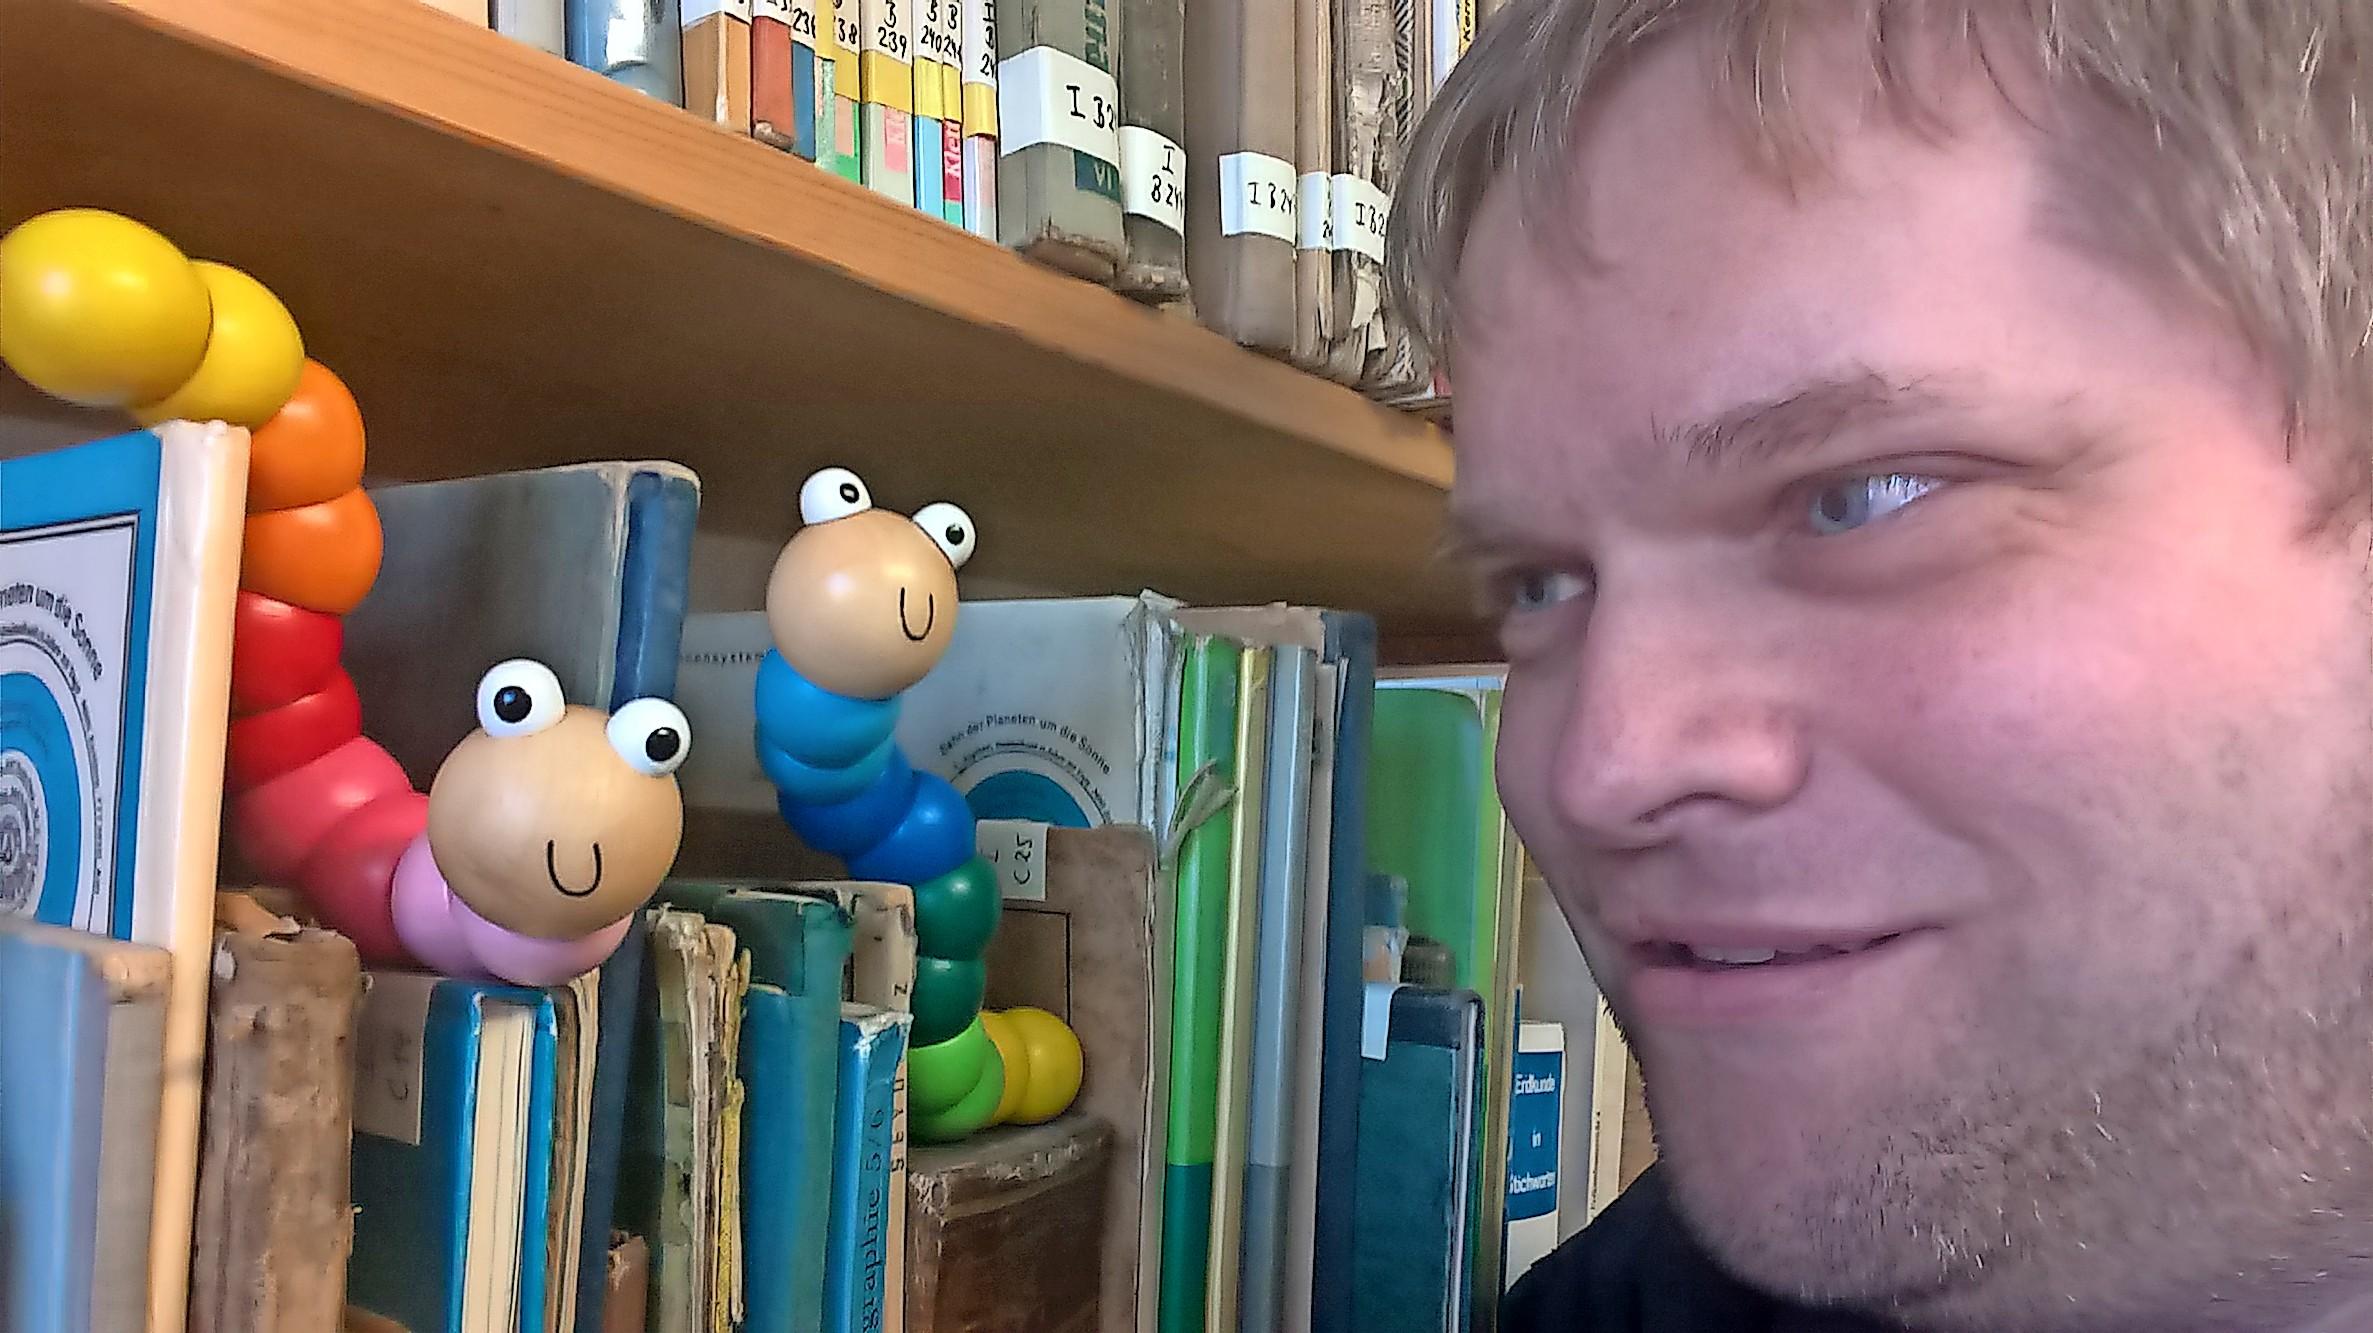 Das Dorf- und Schulmuseum Schönwalde ist auf der Suche nach einem ehrenamtlichen Betreuer für die kleine Bibliothek des Ausstellungshauses.